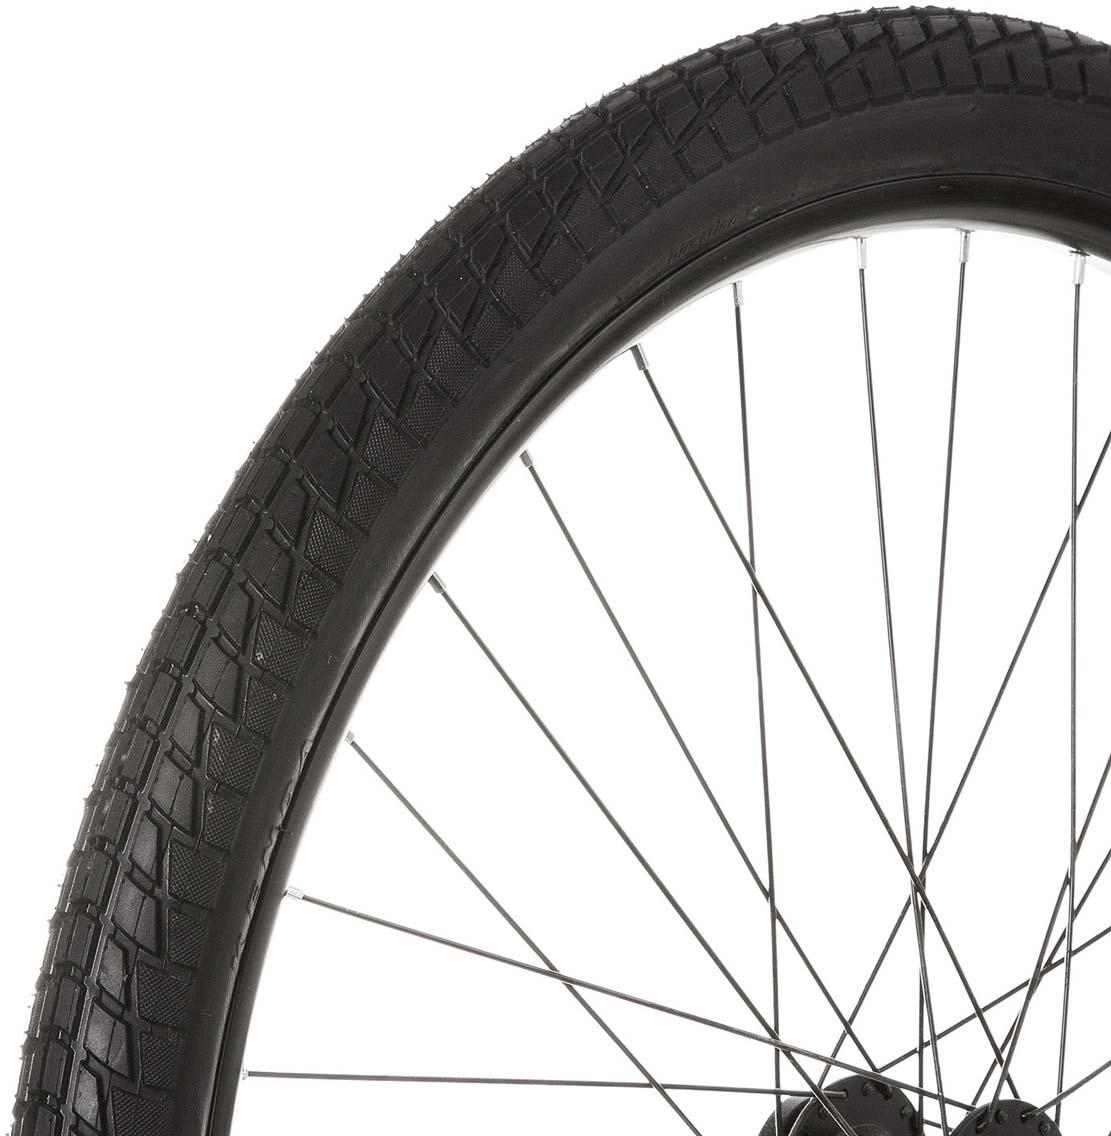 Покрышка велосипедная низкая Kenda Komfort 30TPI, 27.5 х 1.95. 5-523953 (48-584) K841A